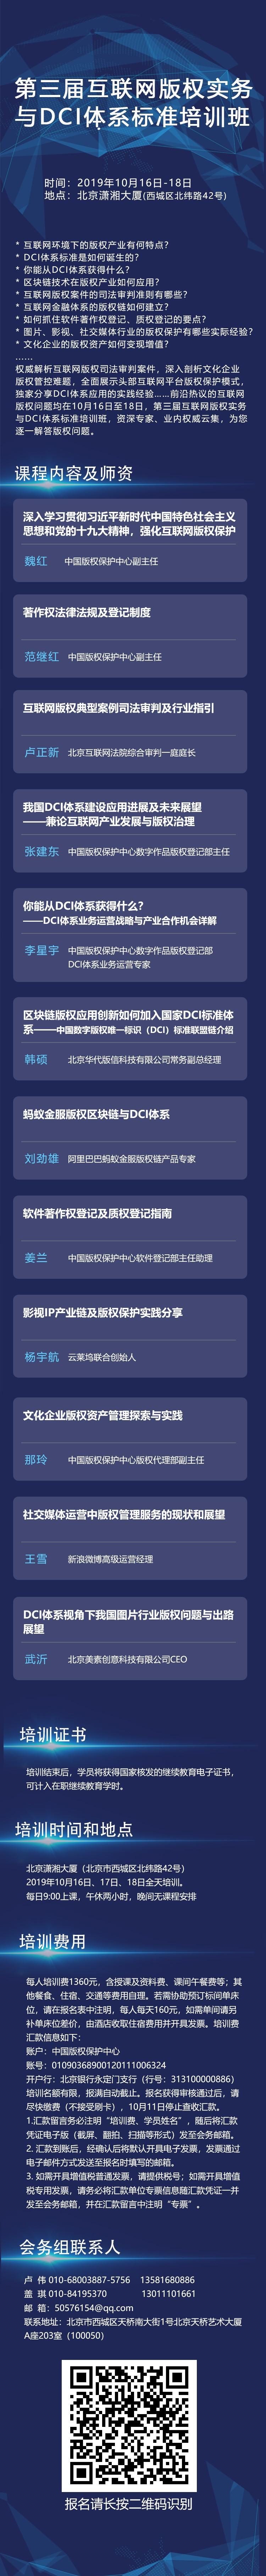 十月北京,第三届互联网版权实务与DCI体系标准培训班开始招生!